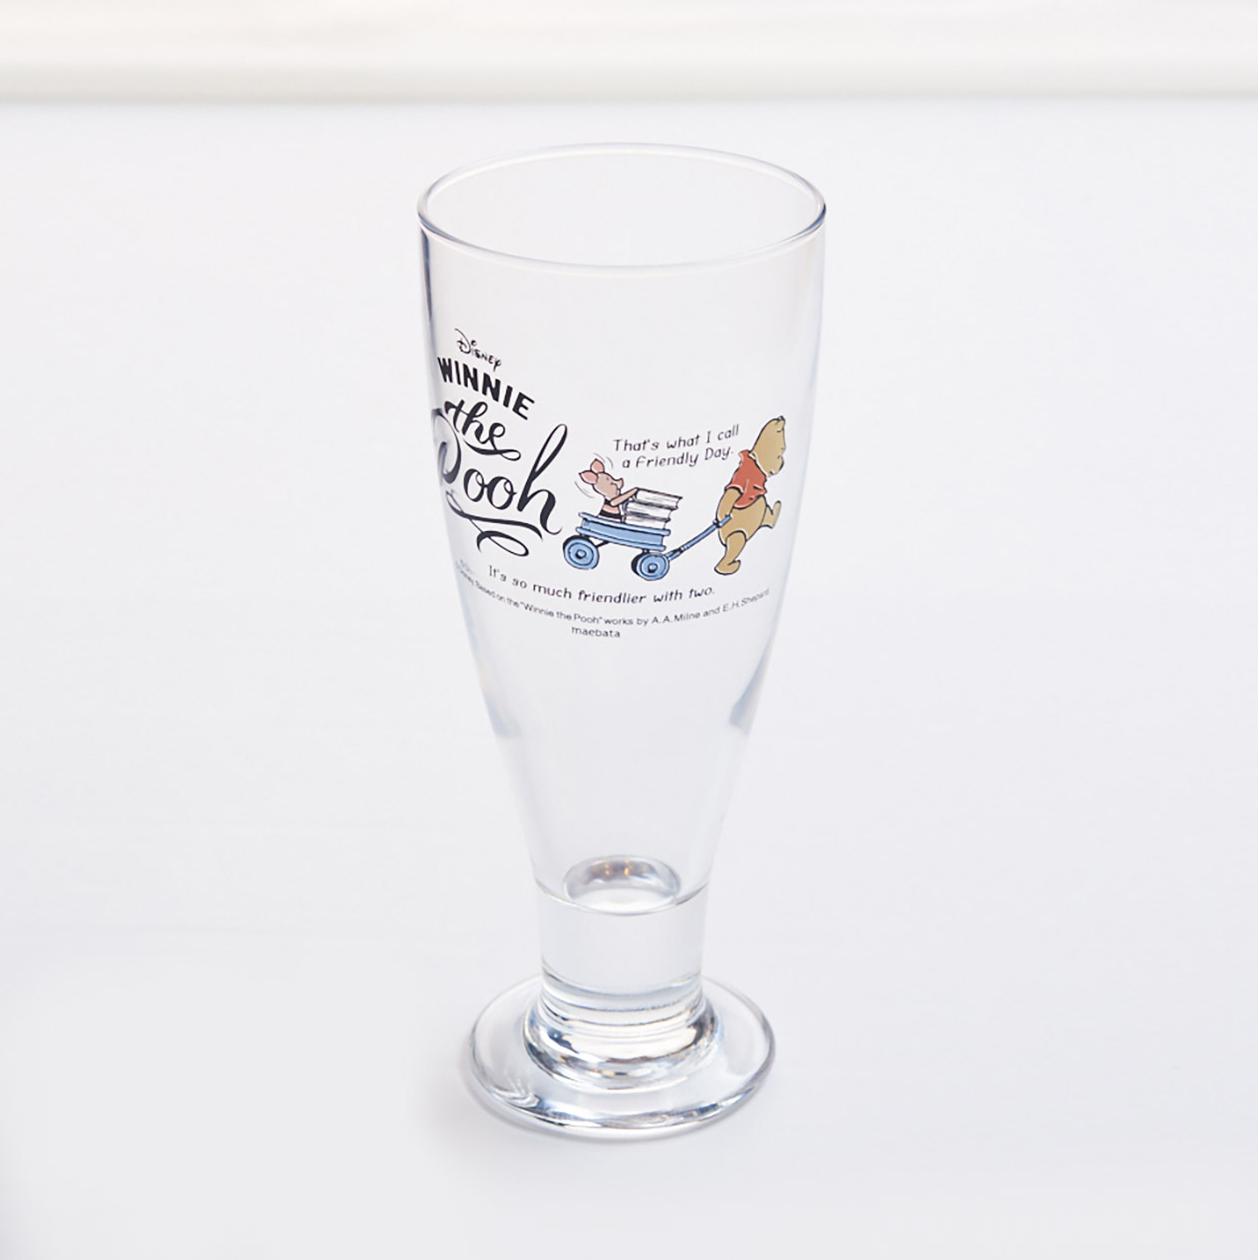 プーさんのグラス。パステル調のイラスト入り